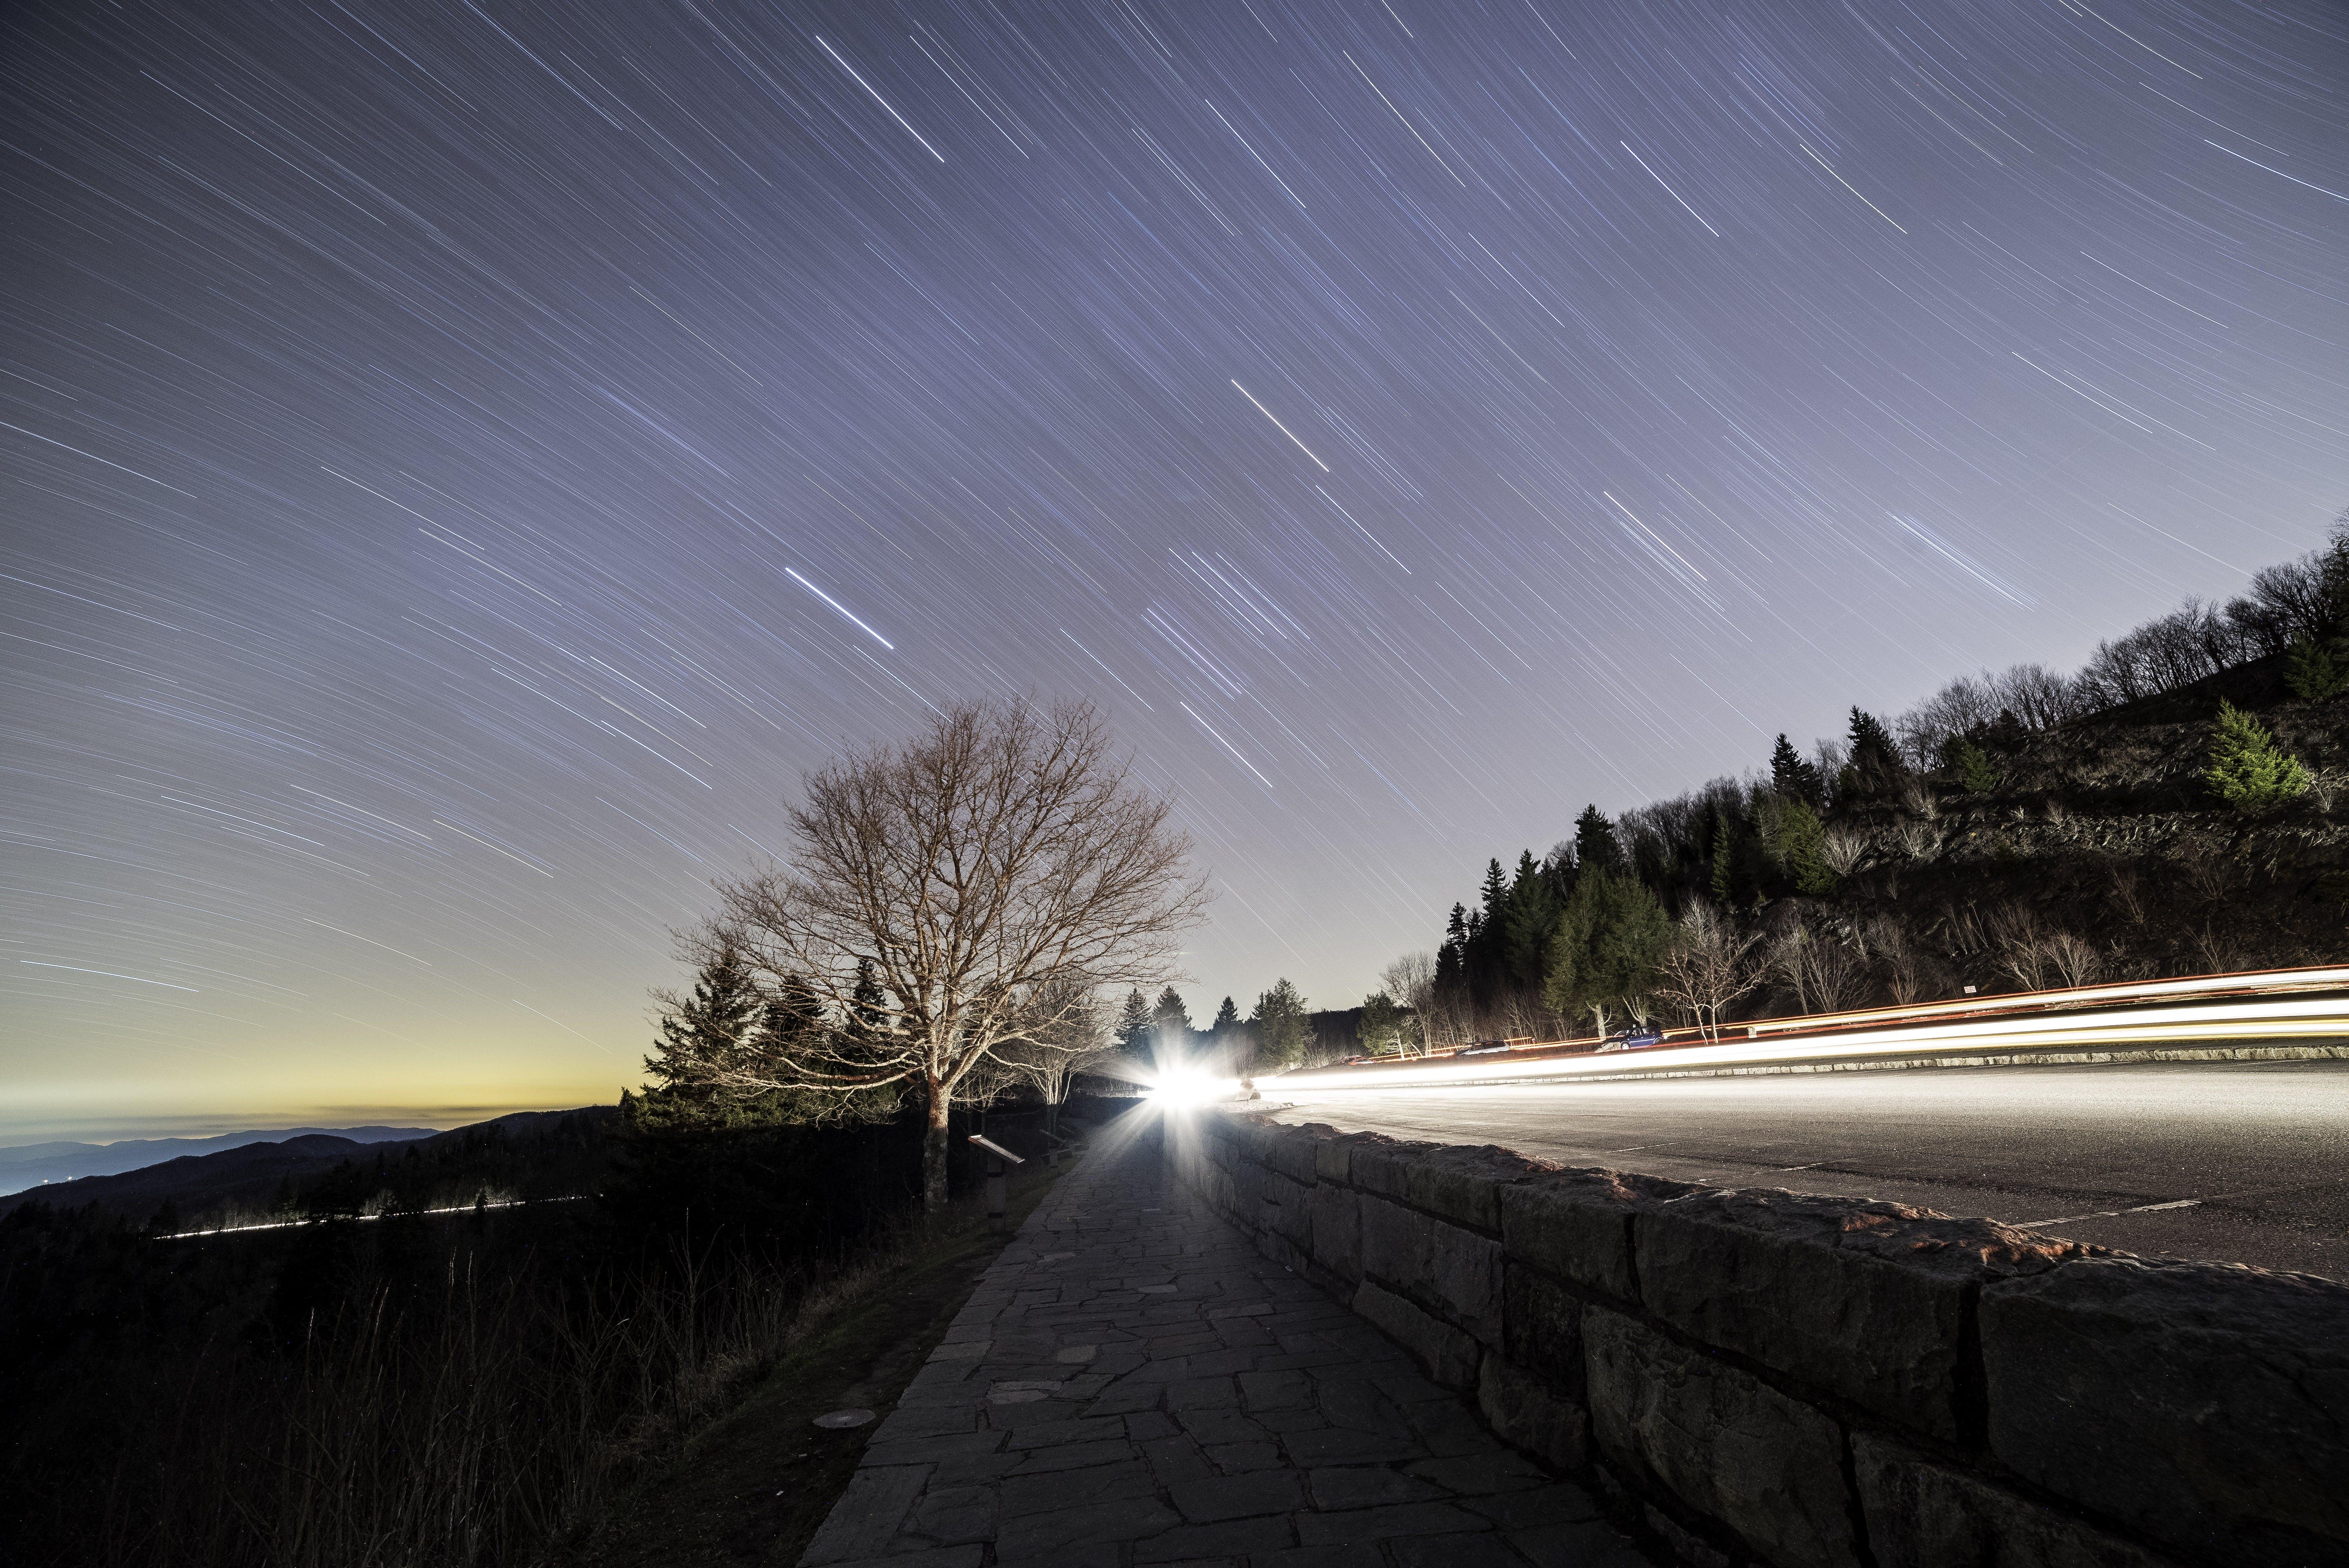 Безкоштовне стокове фото на тему «Астрофотографія, вечір, Вулиця, дерева»